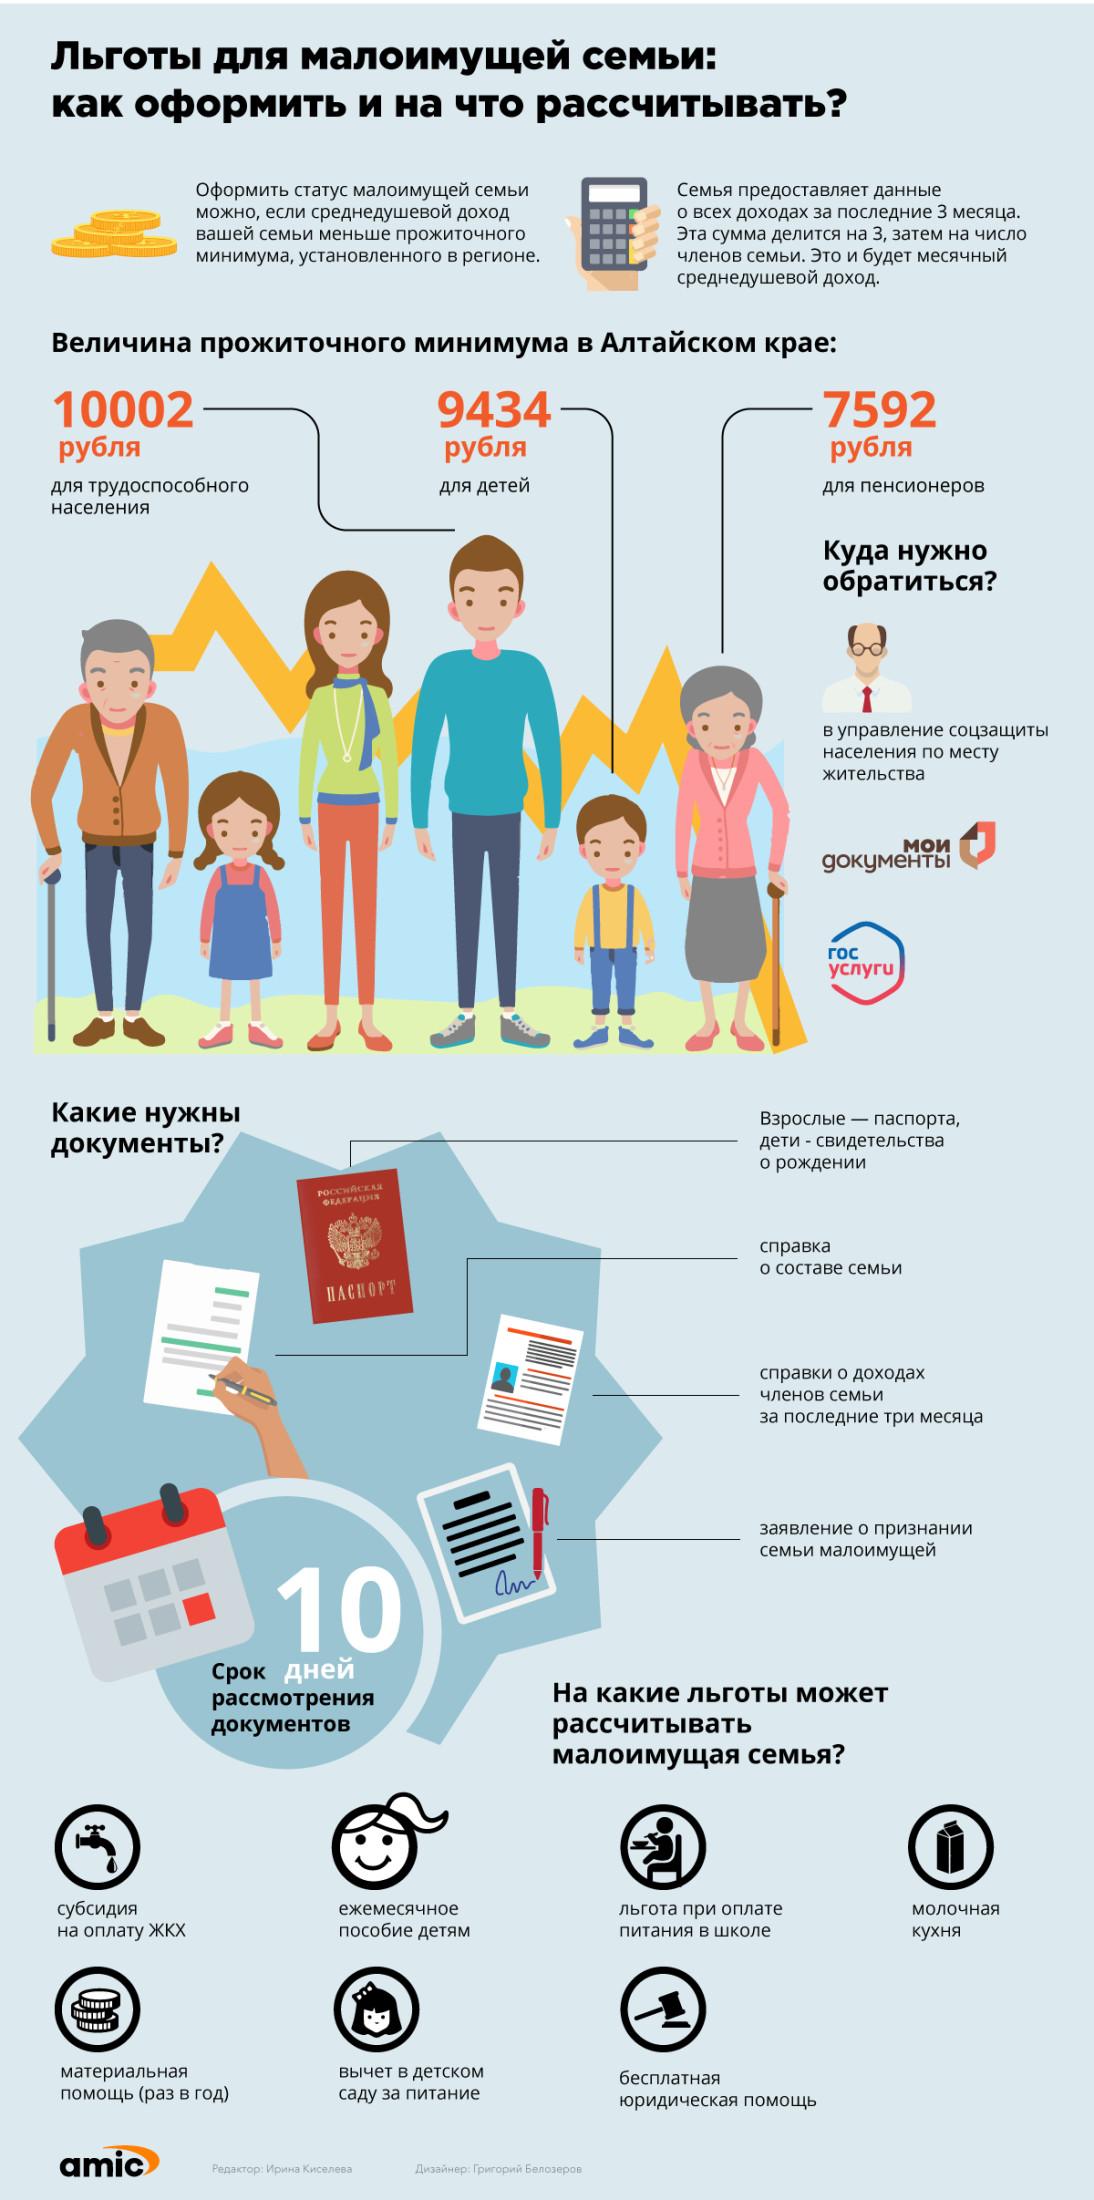 Соцзащита и льготы малоимущих семей: правила расчета, величина выплат